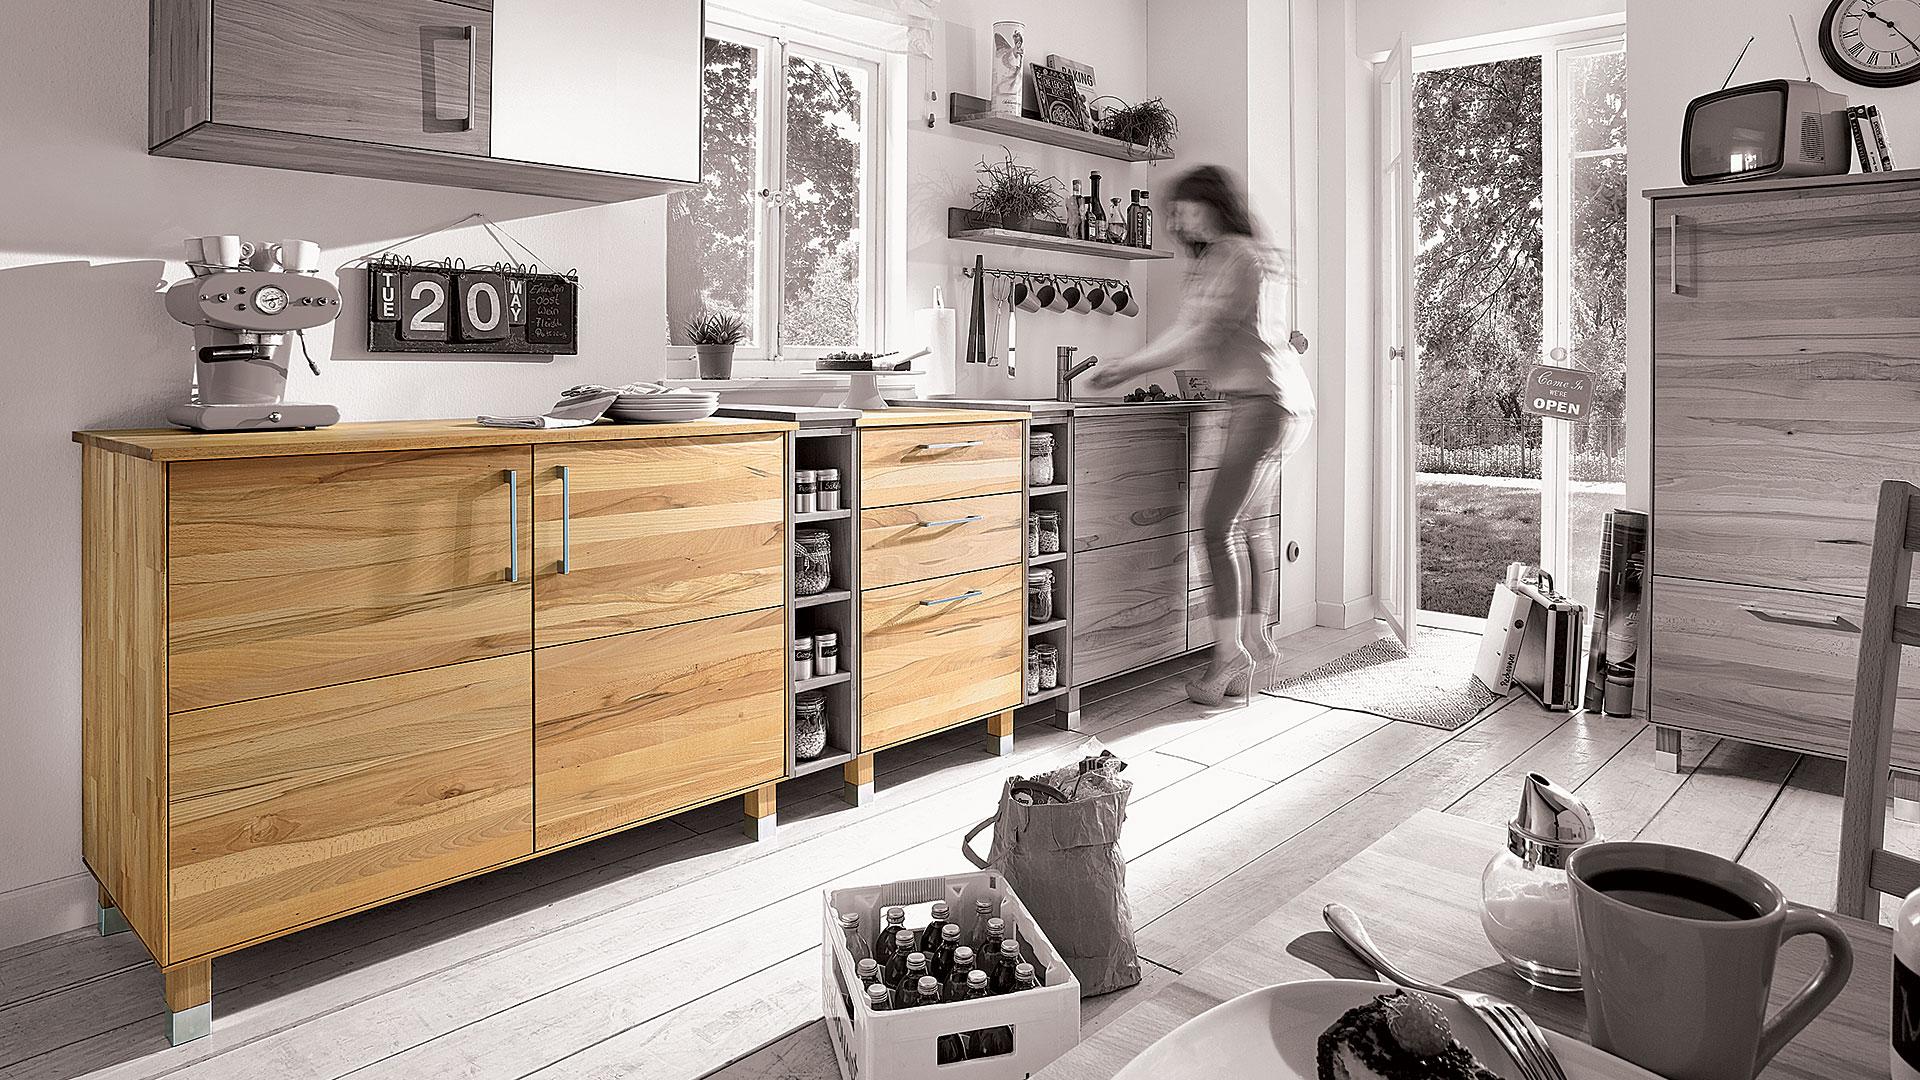 Full Size of Kchenunterschrank Culinara 100 Massivholz Wohnzimmer Küchenunterschrank